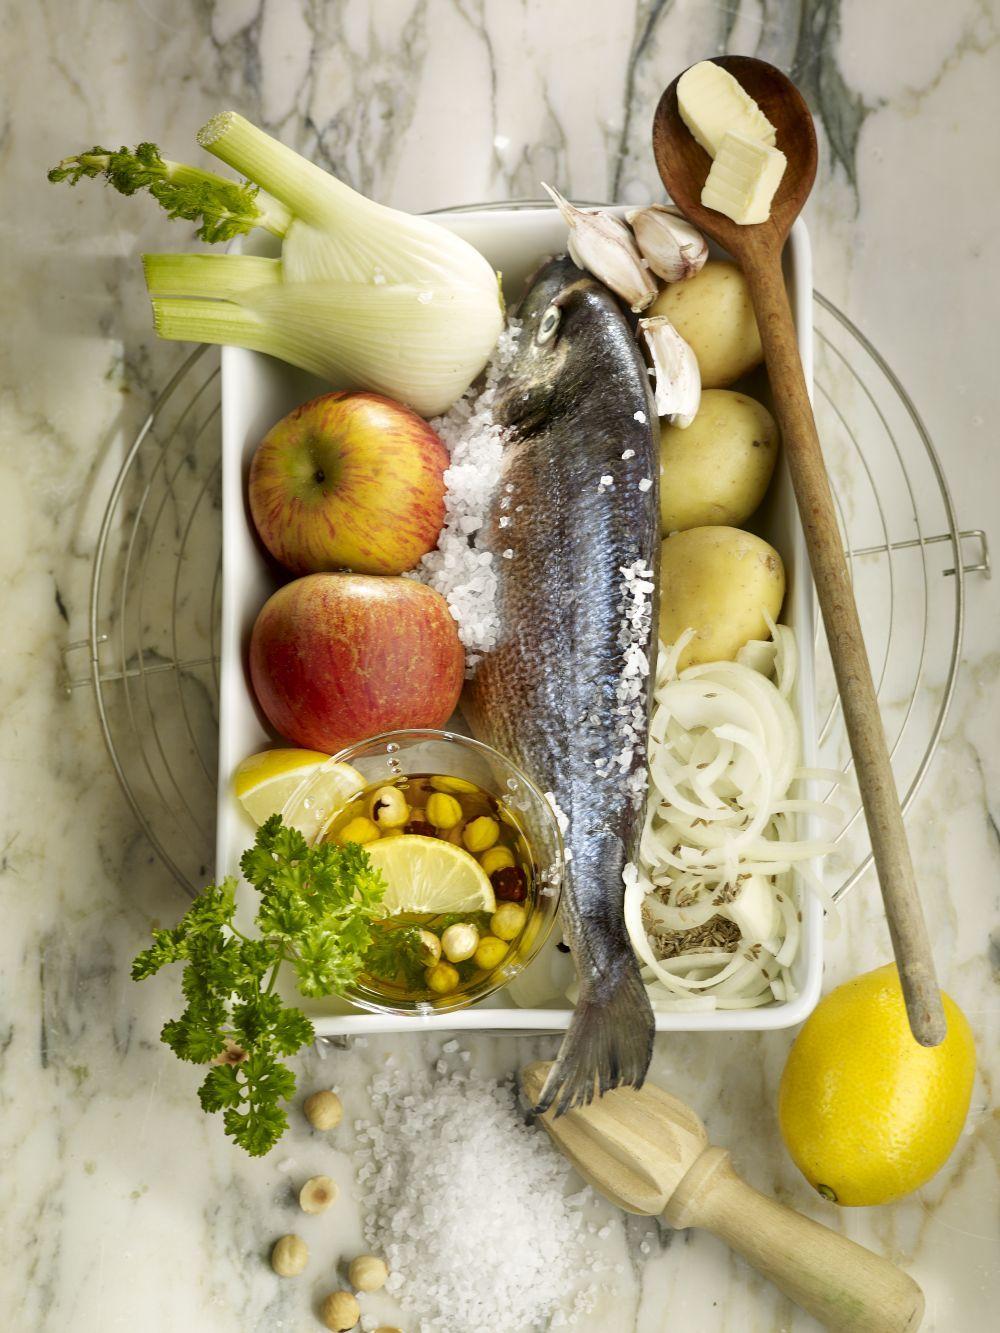 Los pescados, las carnes magras, las verduras y las hortalizas son la base de la comida real.